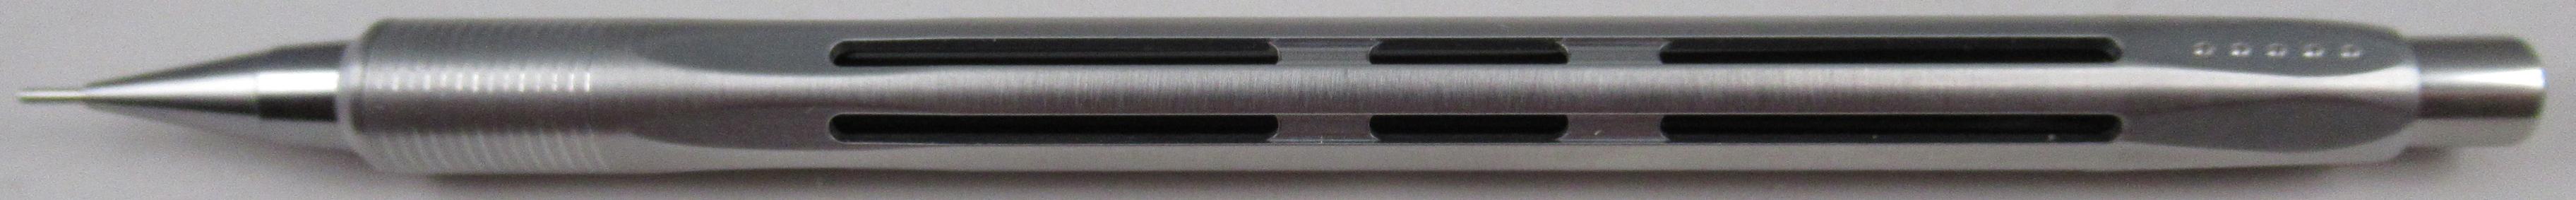 z0855 - SPOKE 5-3-QAL - 283